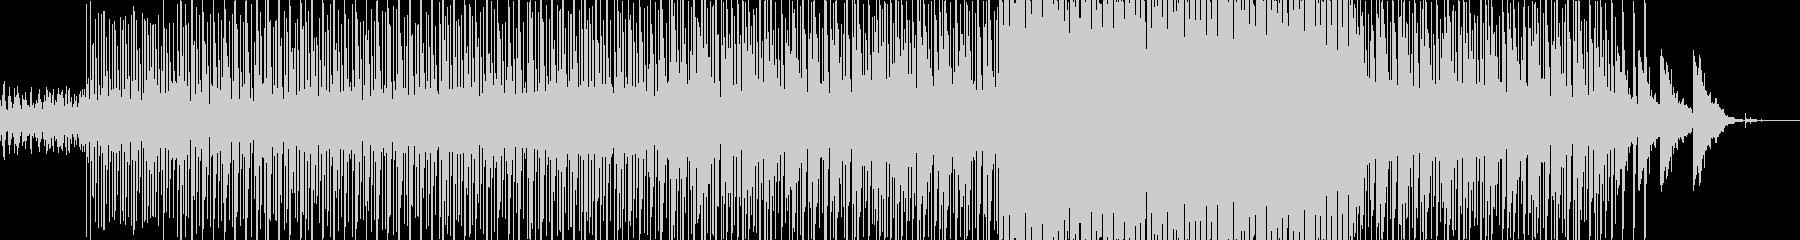 ダーク/サスペンス/怪しい/不穏の未再生の波形